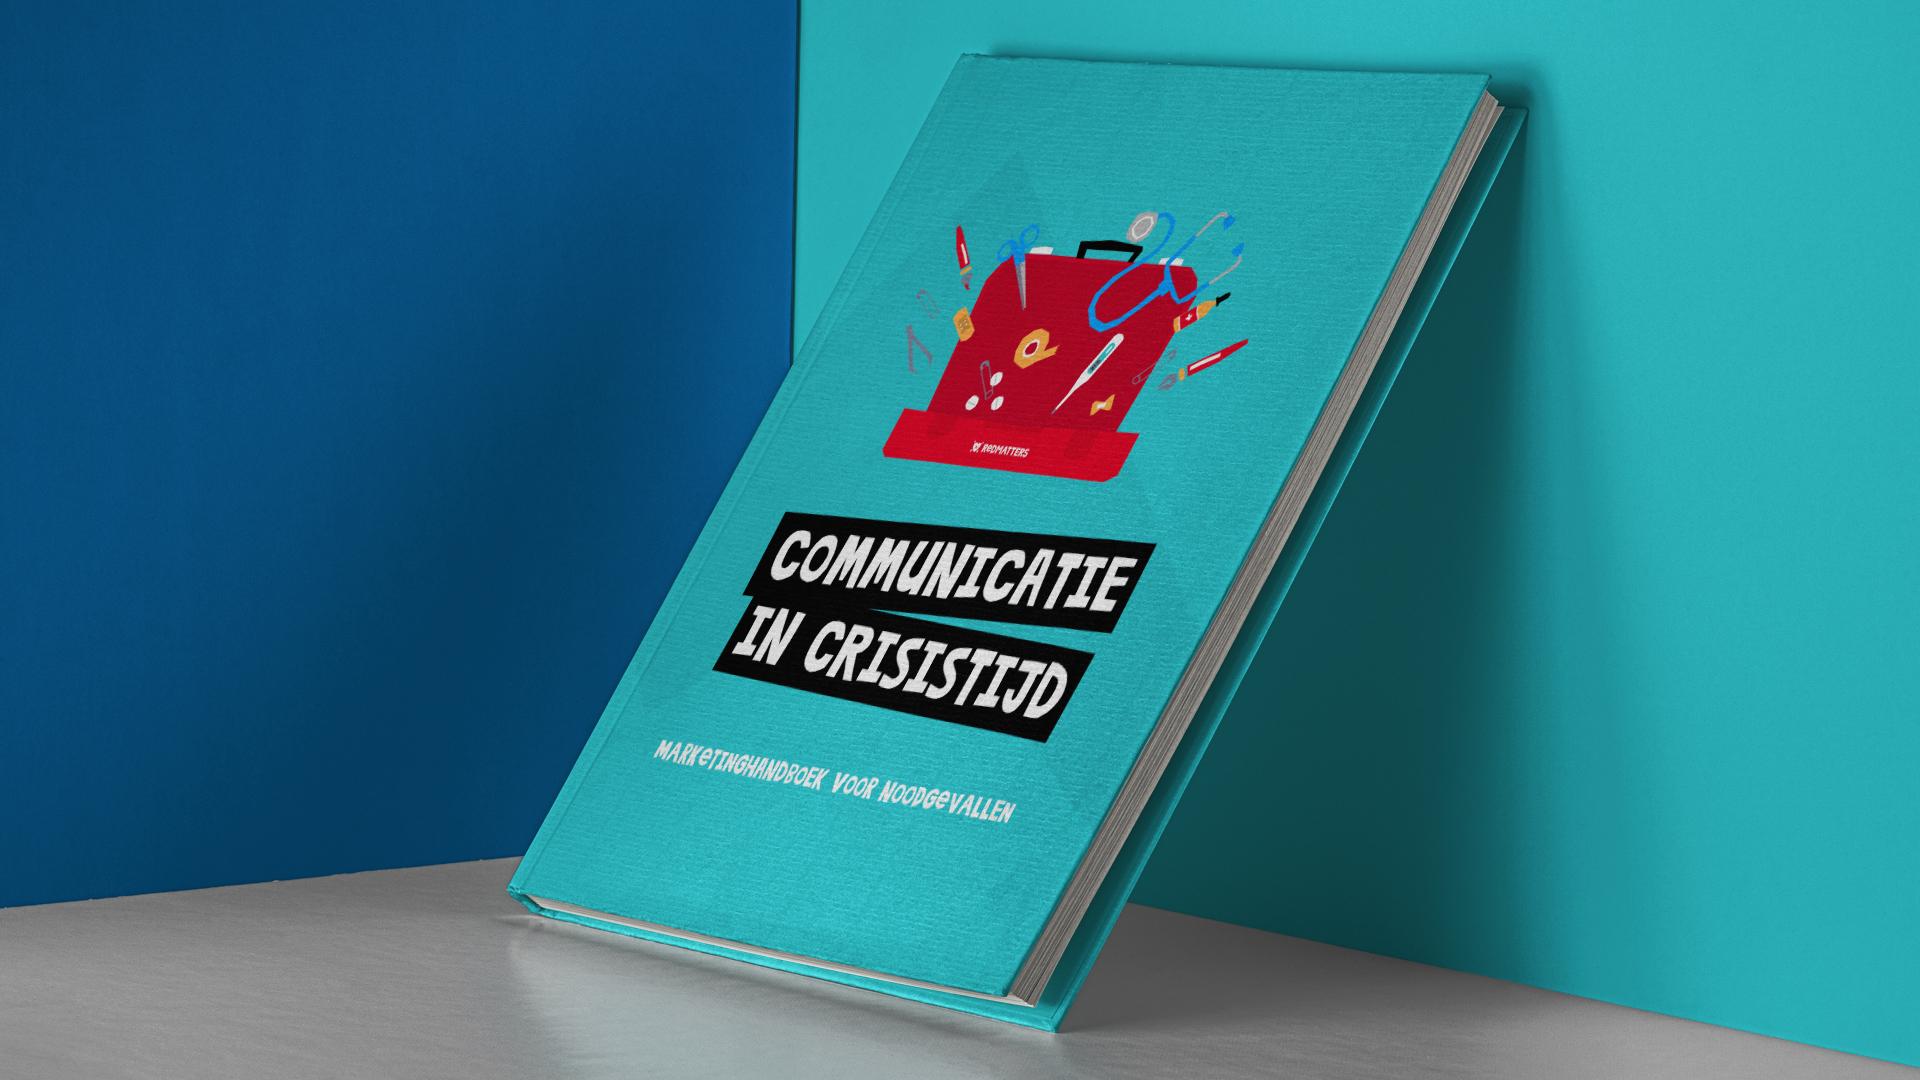 Redmatters_Handboek_Communicatie-in-crisistijd